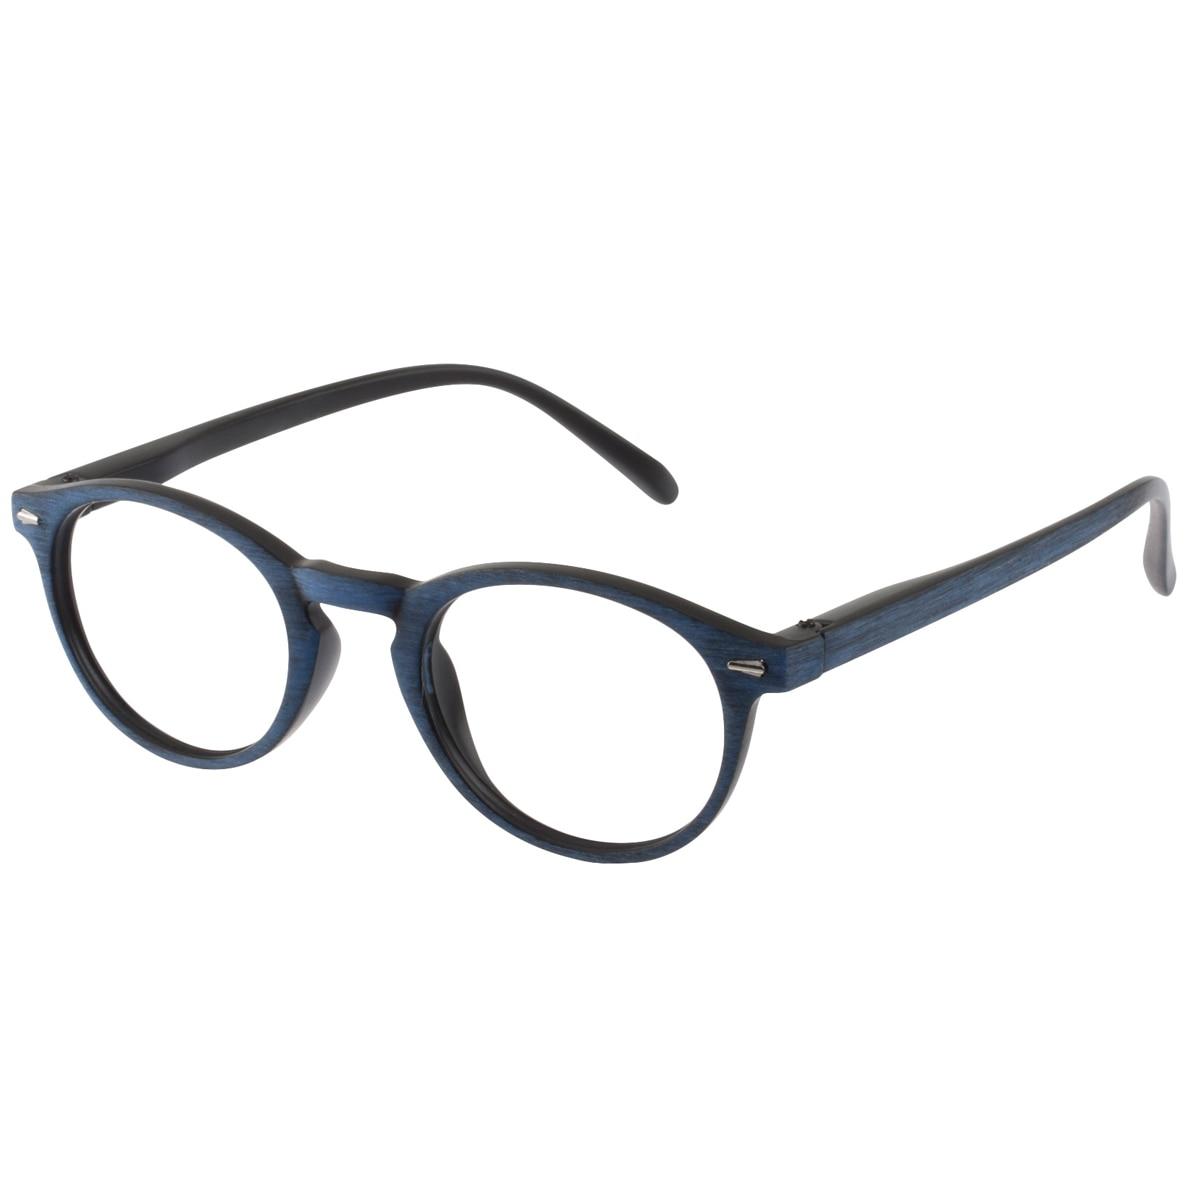 látás 2 dioptria amikor egy személy elveszíti látását